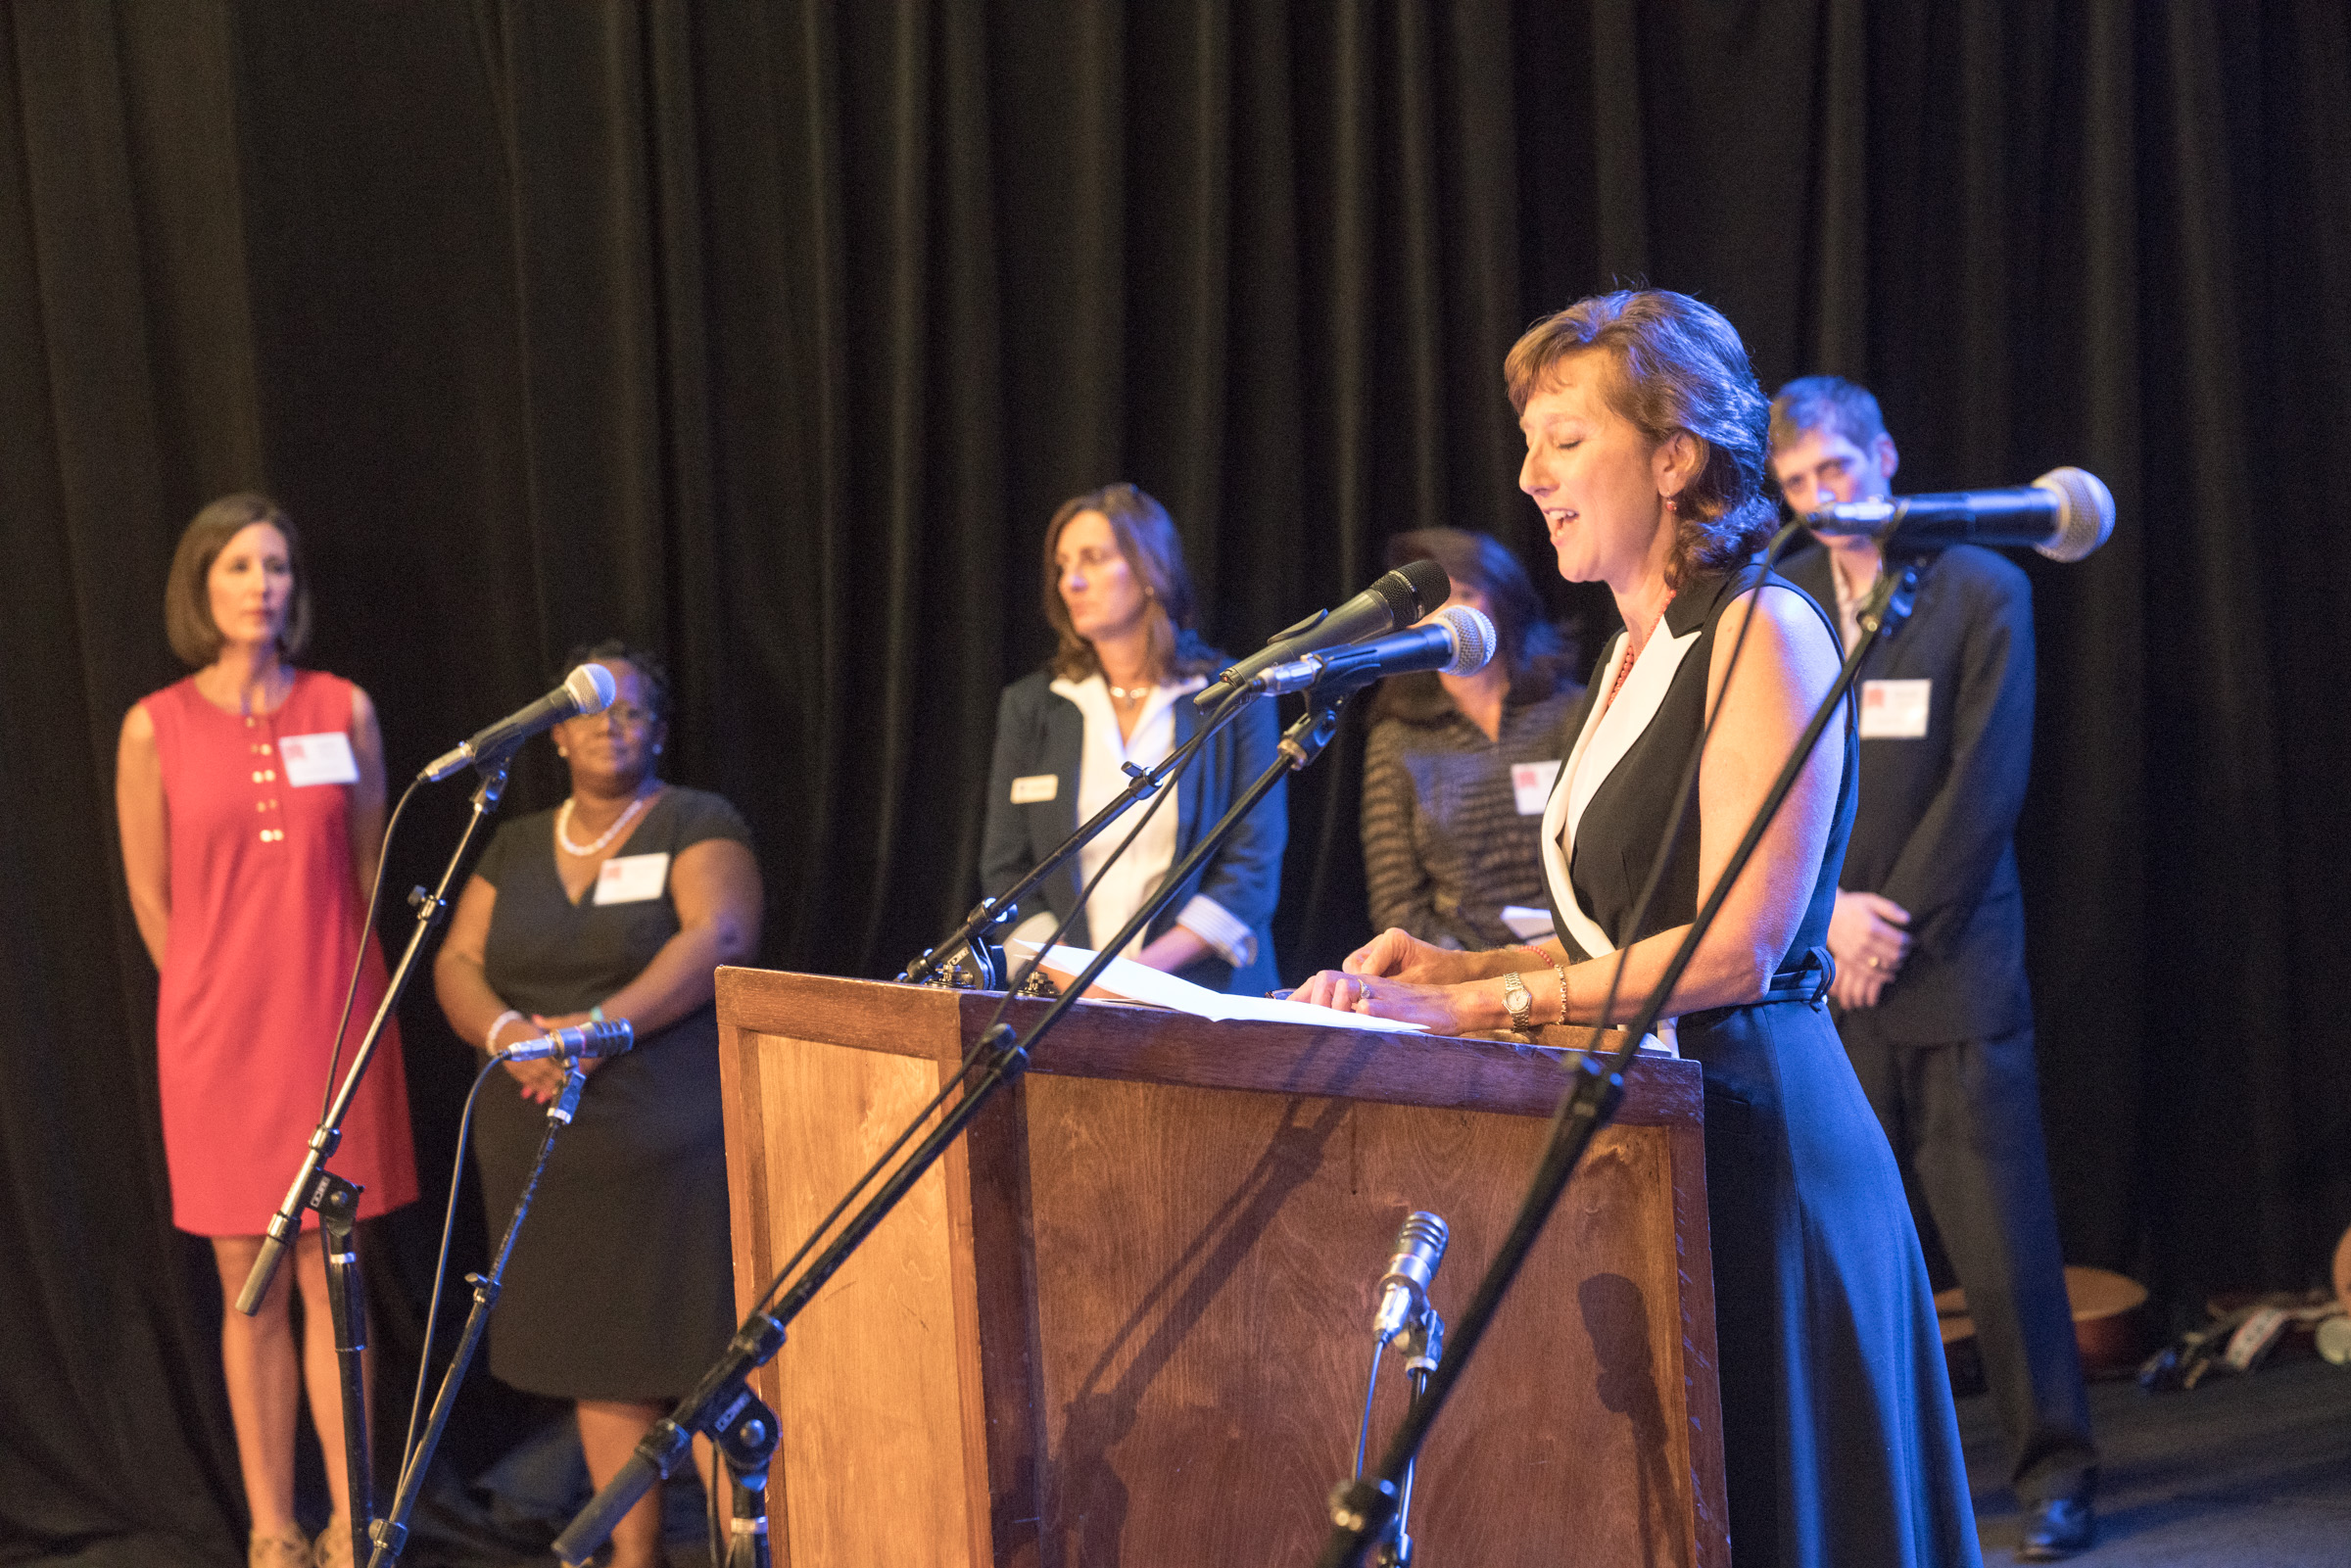 Iris podium long shot.jpg